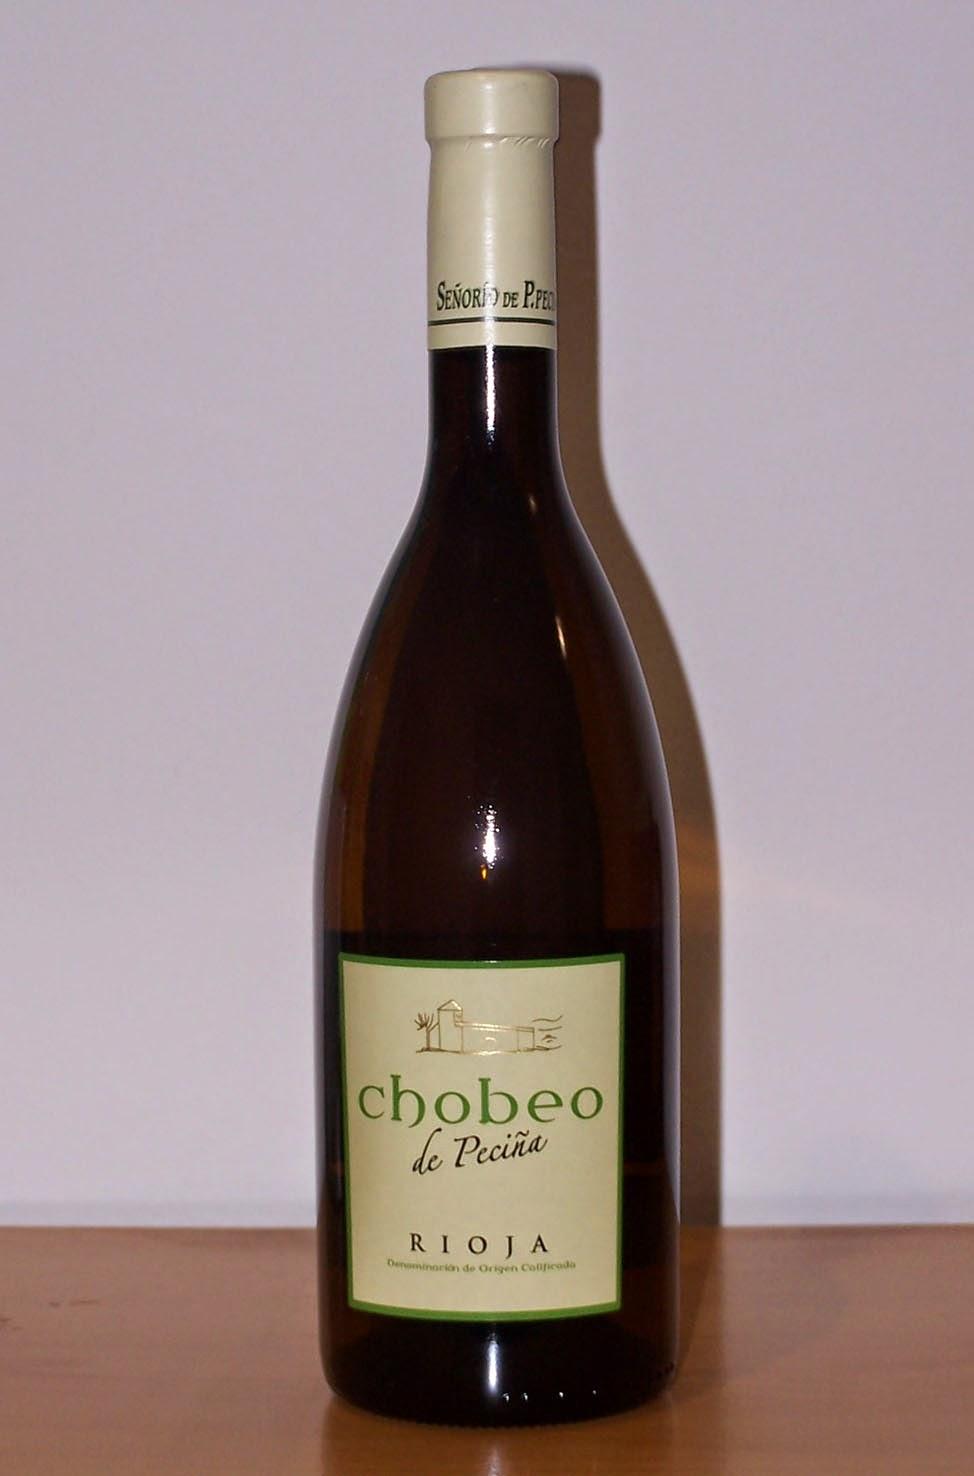 Chobeo de Peciña blanco 2011, D.o.c Rioja